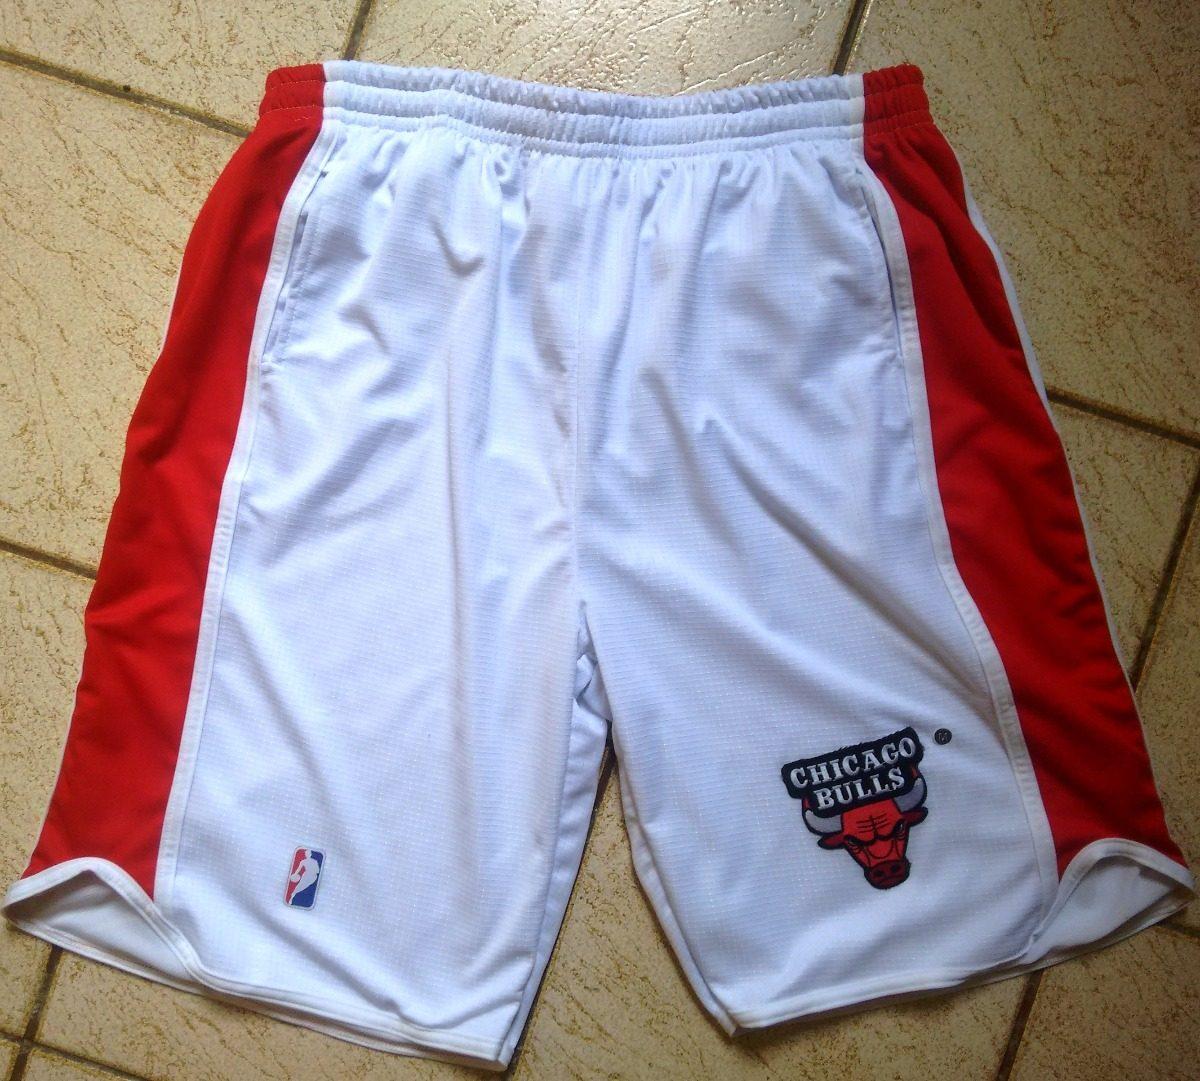 bermuda calção short basquete chicago bulls branco bordado. Carregando zoom. 79e9747a2fd67